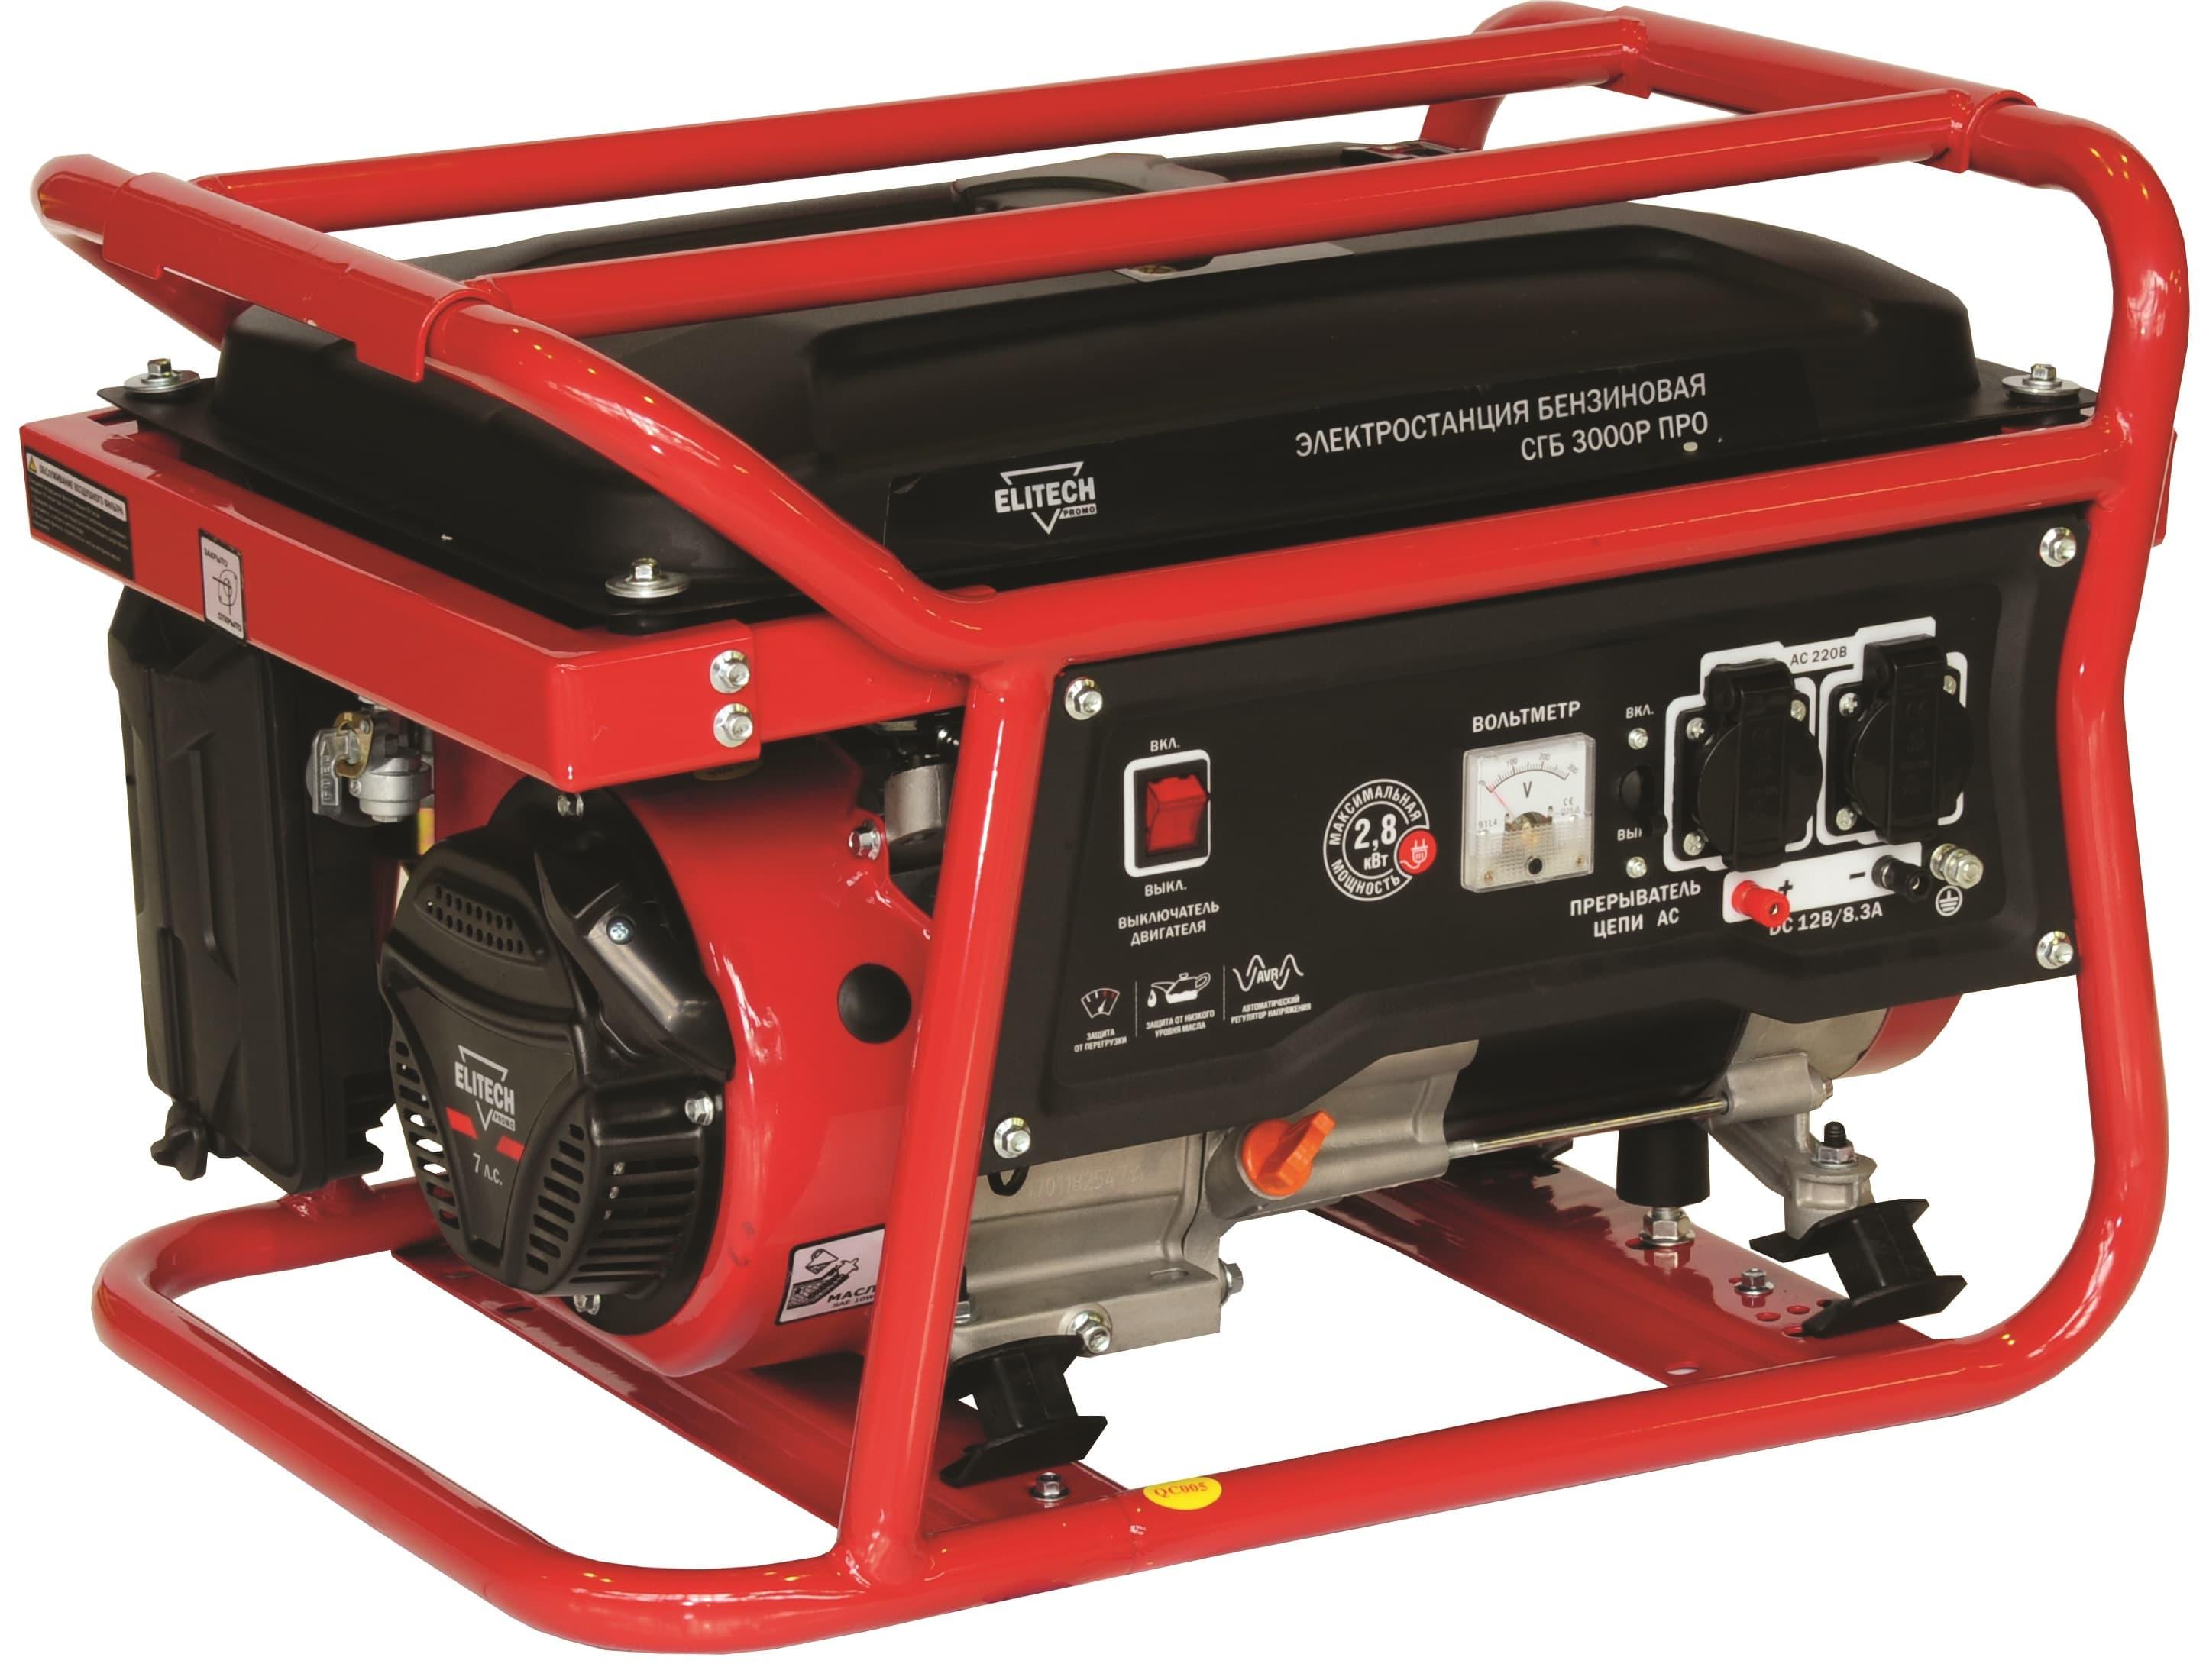 Купить генератор бензиновый четырехтактный сварочный аппарат тдм 305 у2